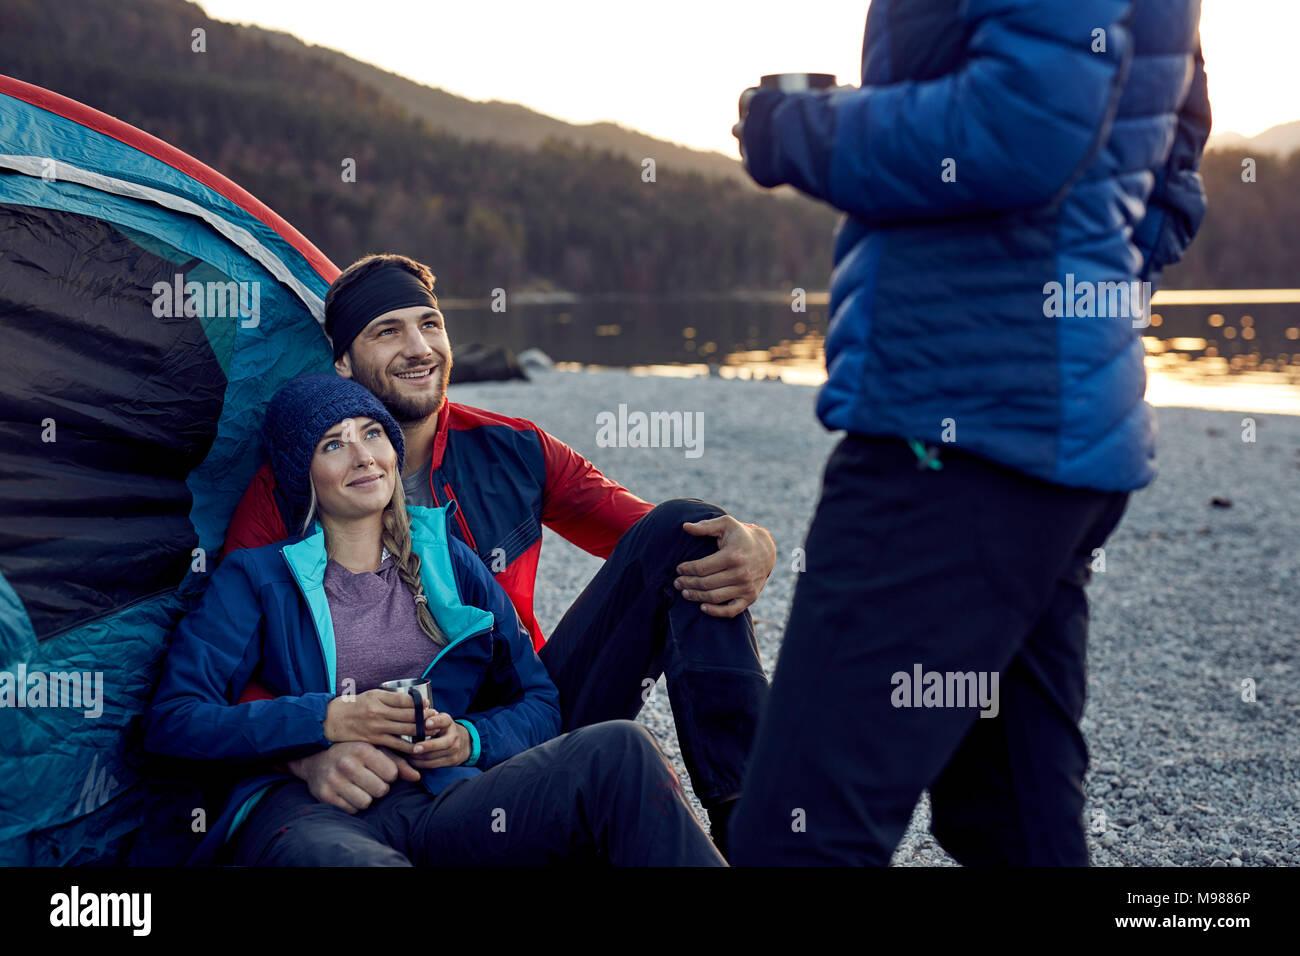 Sorridente giovane coppia con amico seduto alla tenda sul lungolago Immagini Stock